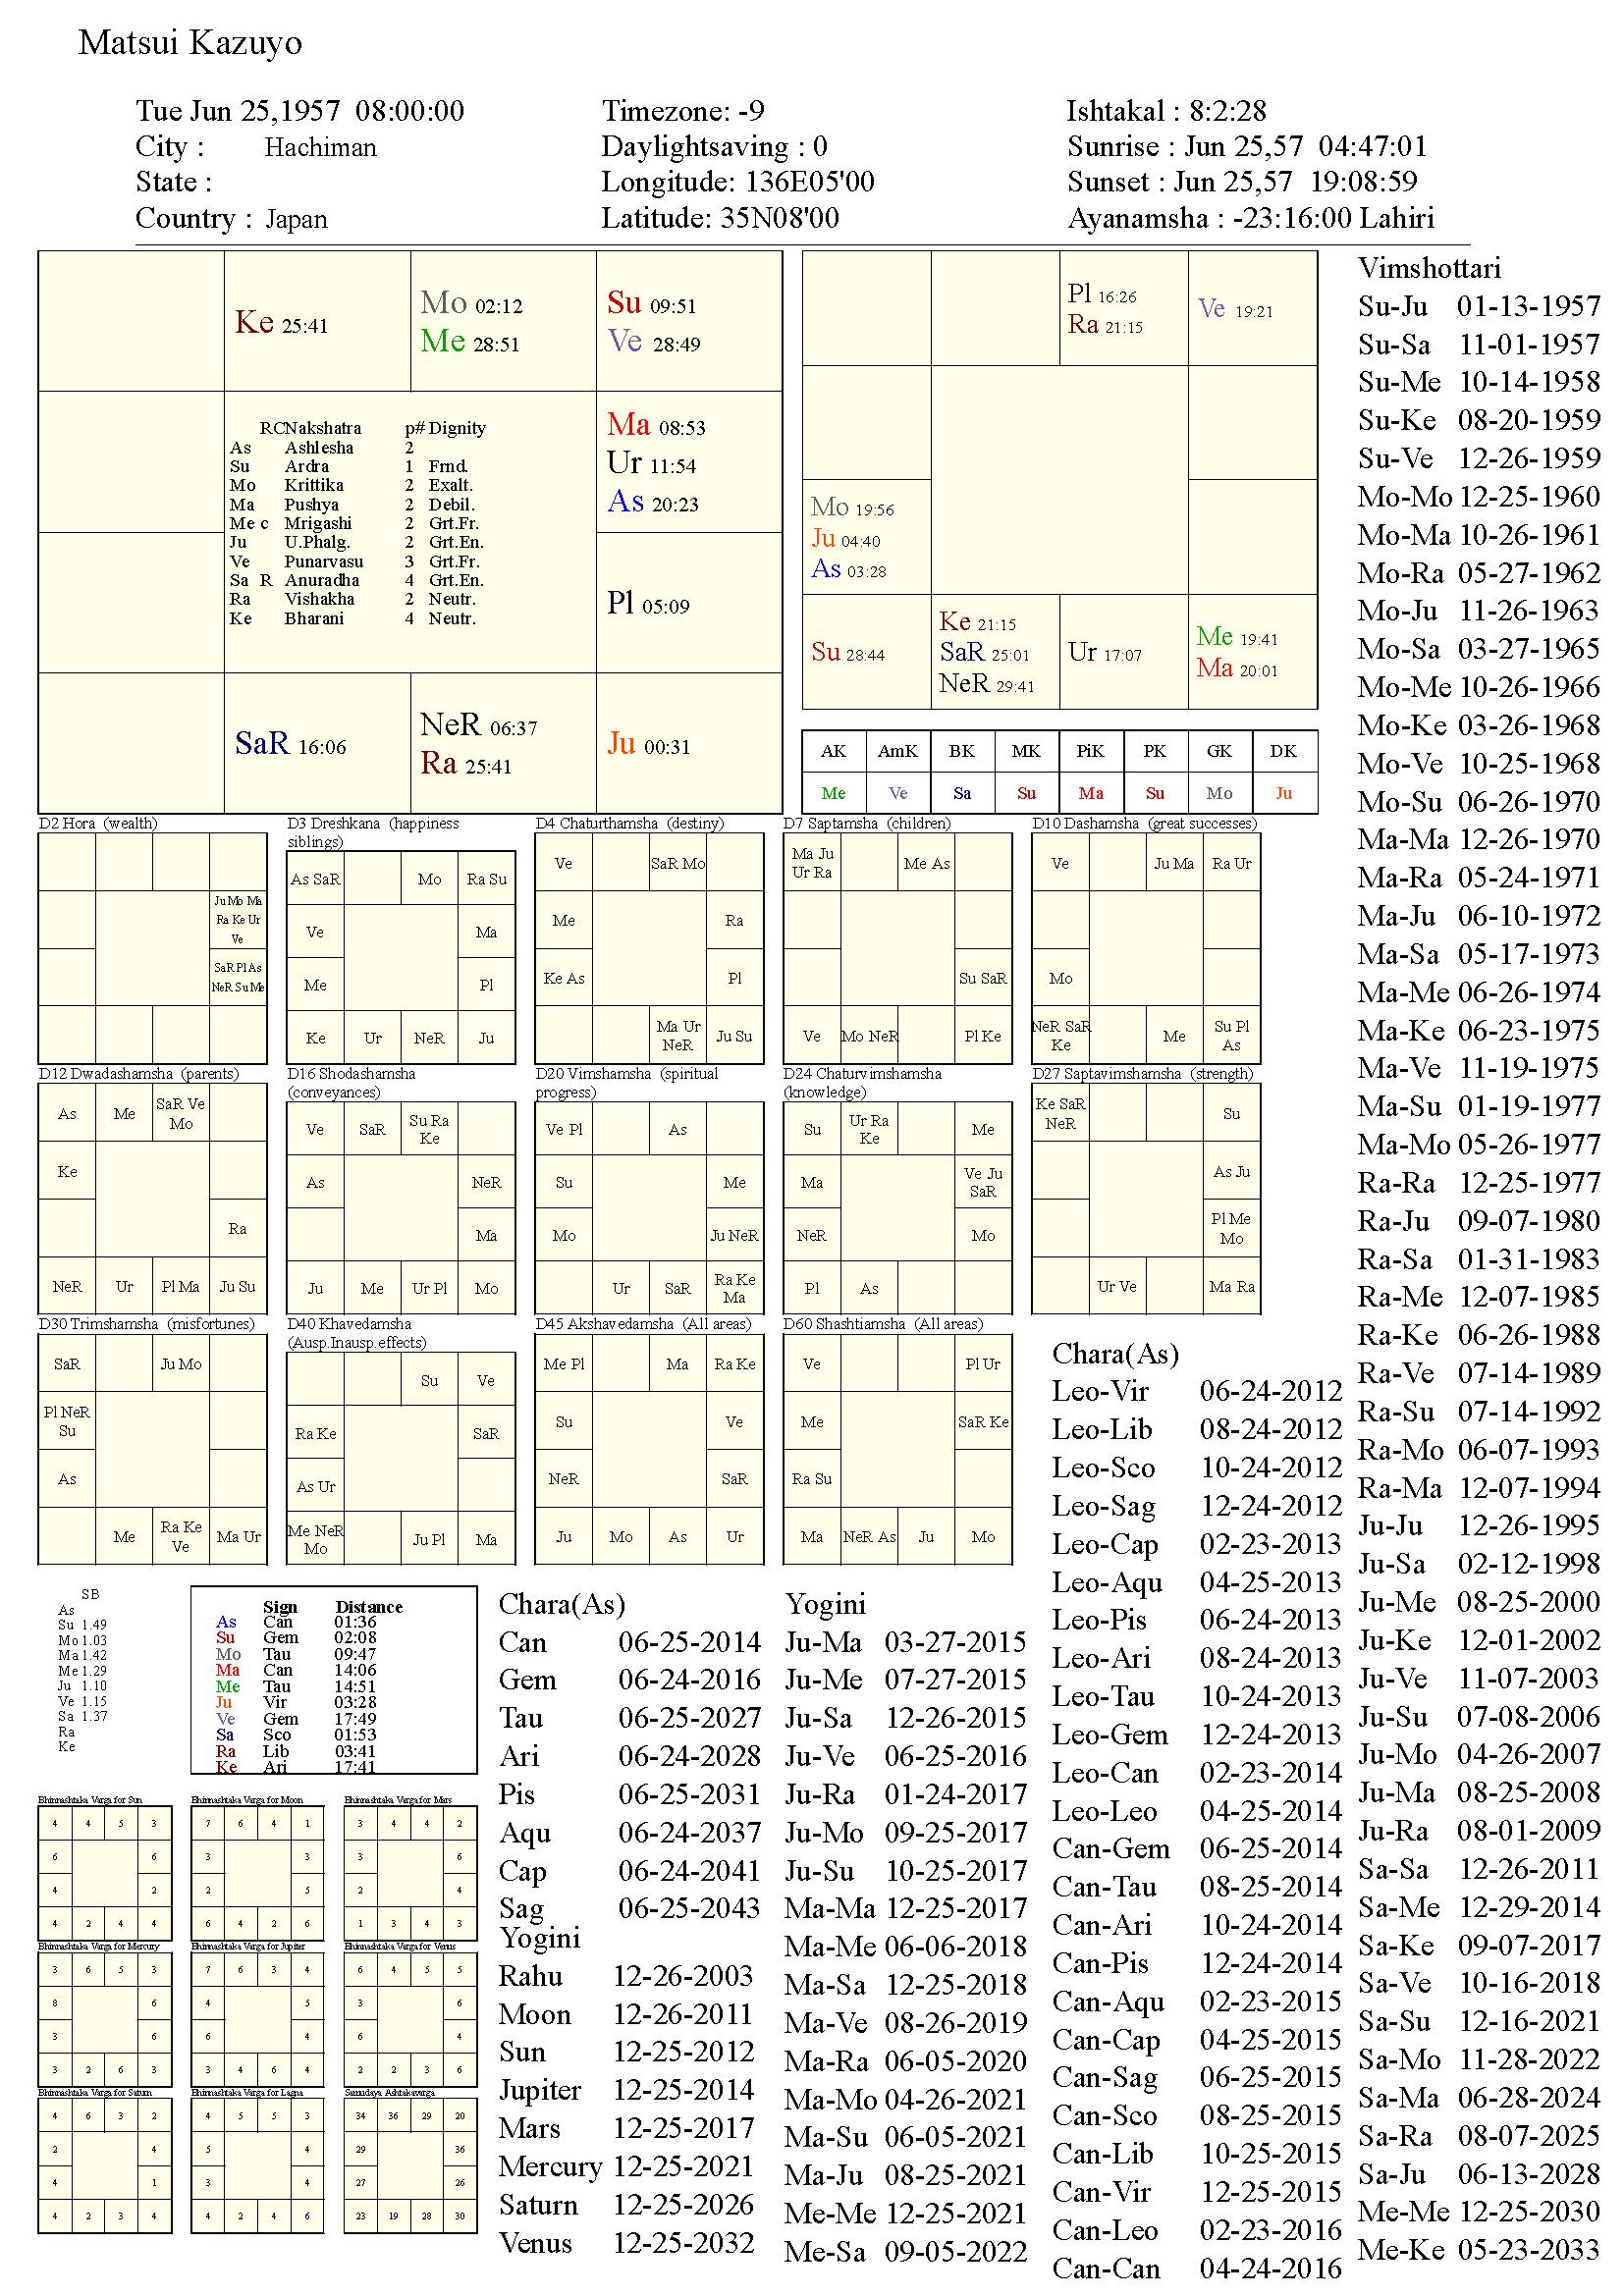 MatsuiKazuyo_chart